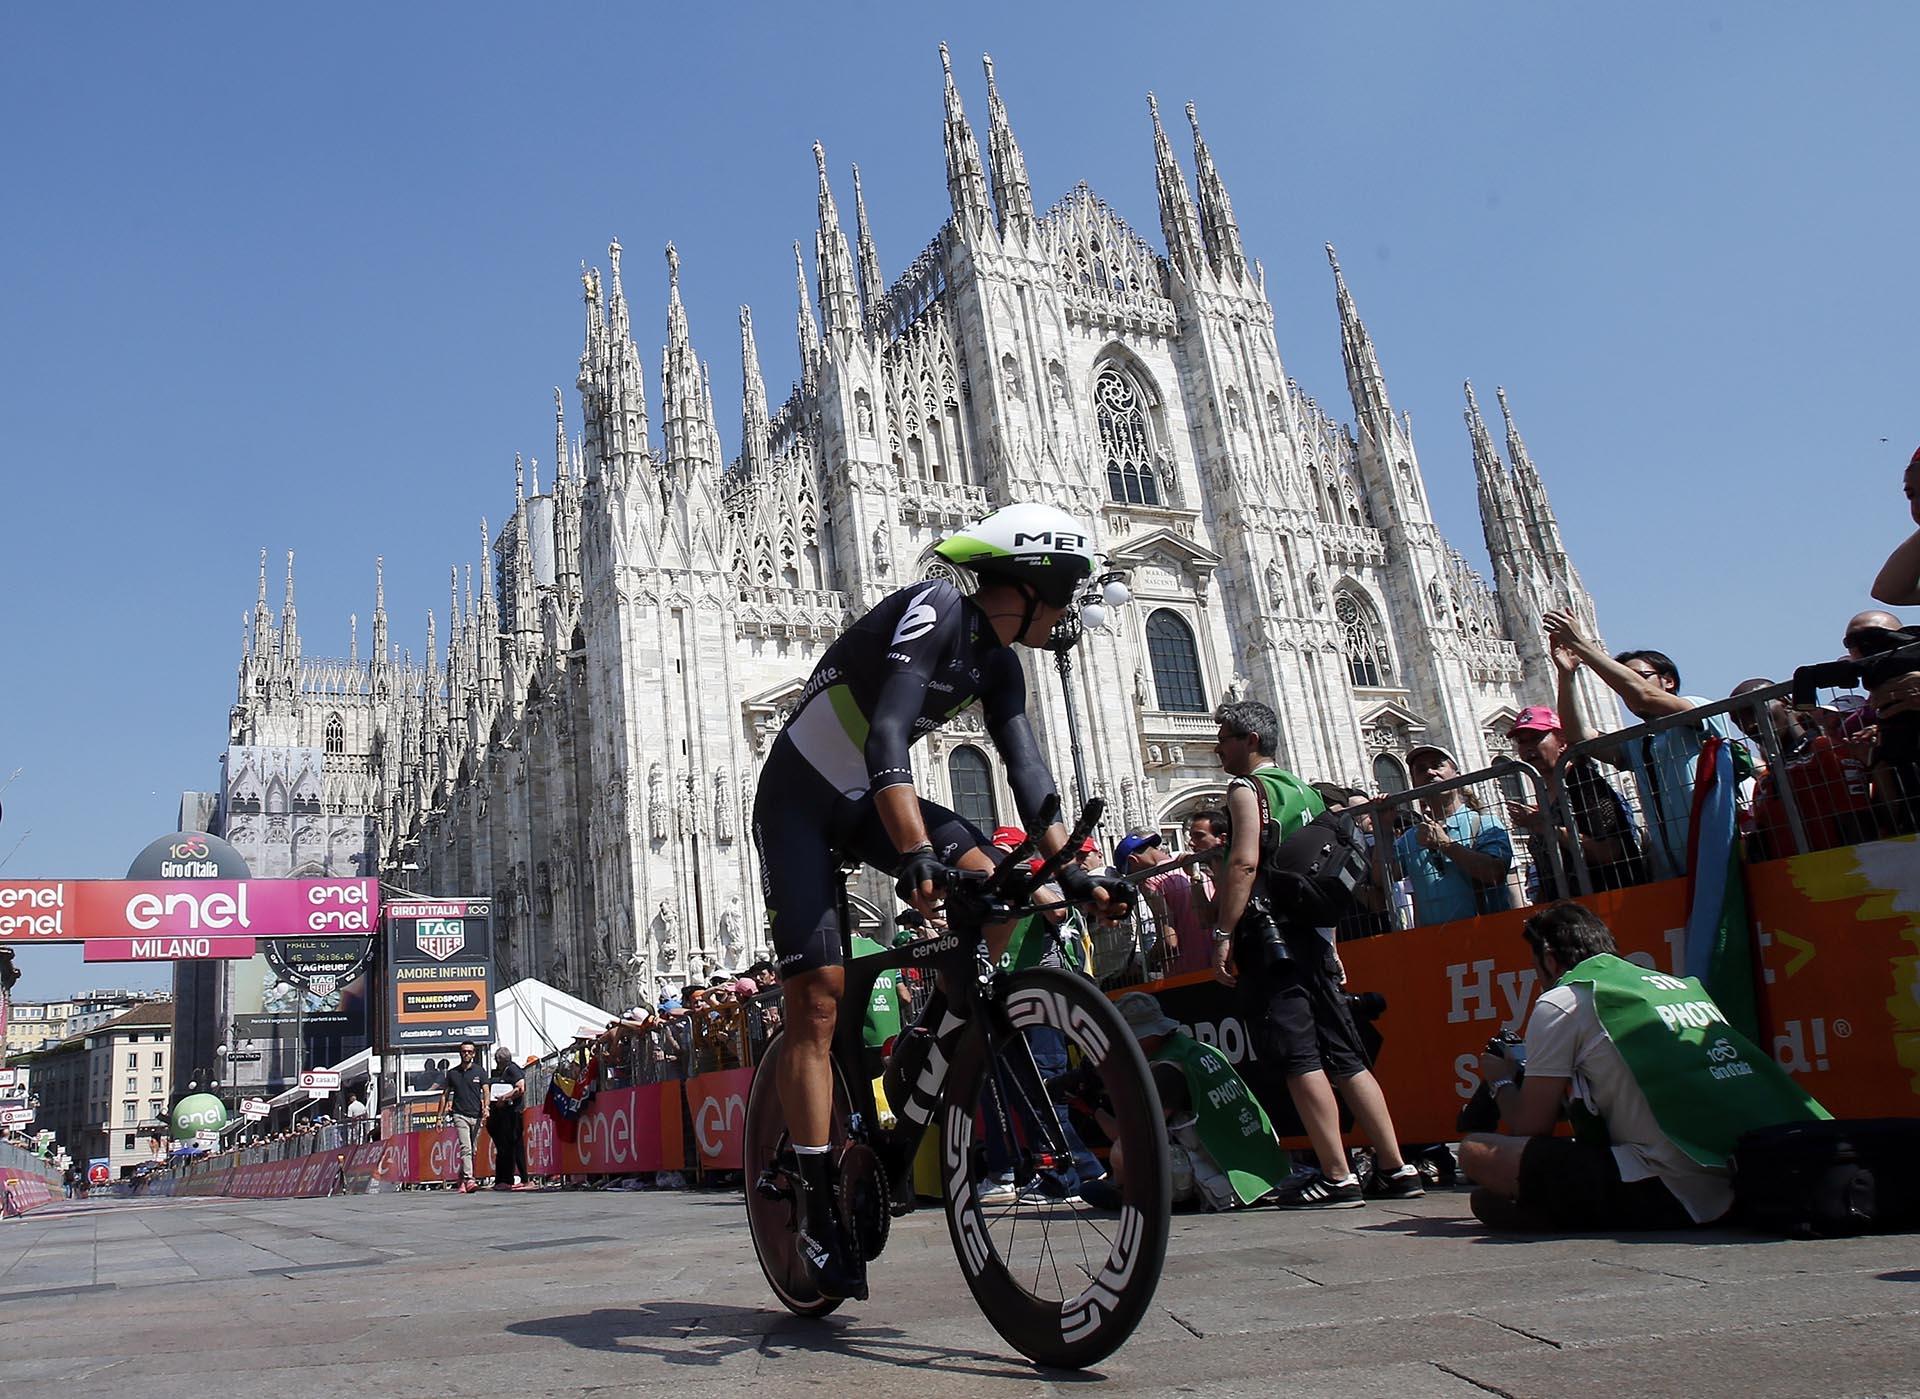 La catedral de Milan, uno de los lugares históricos que atravesaron los ciclistas